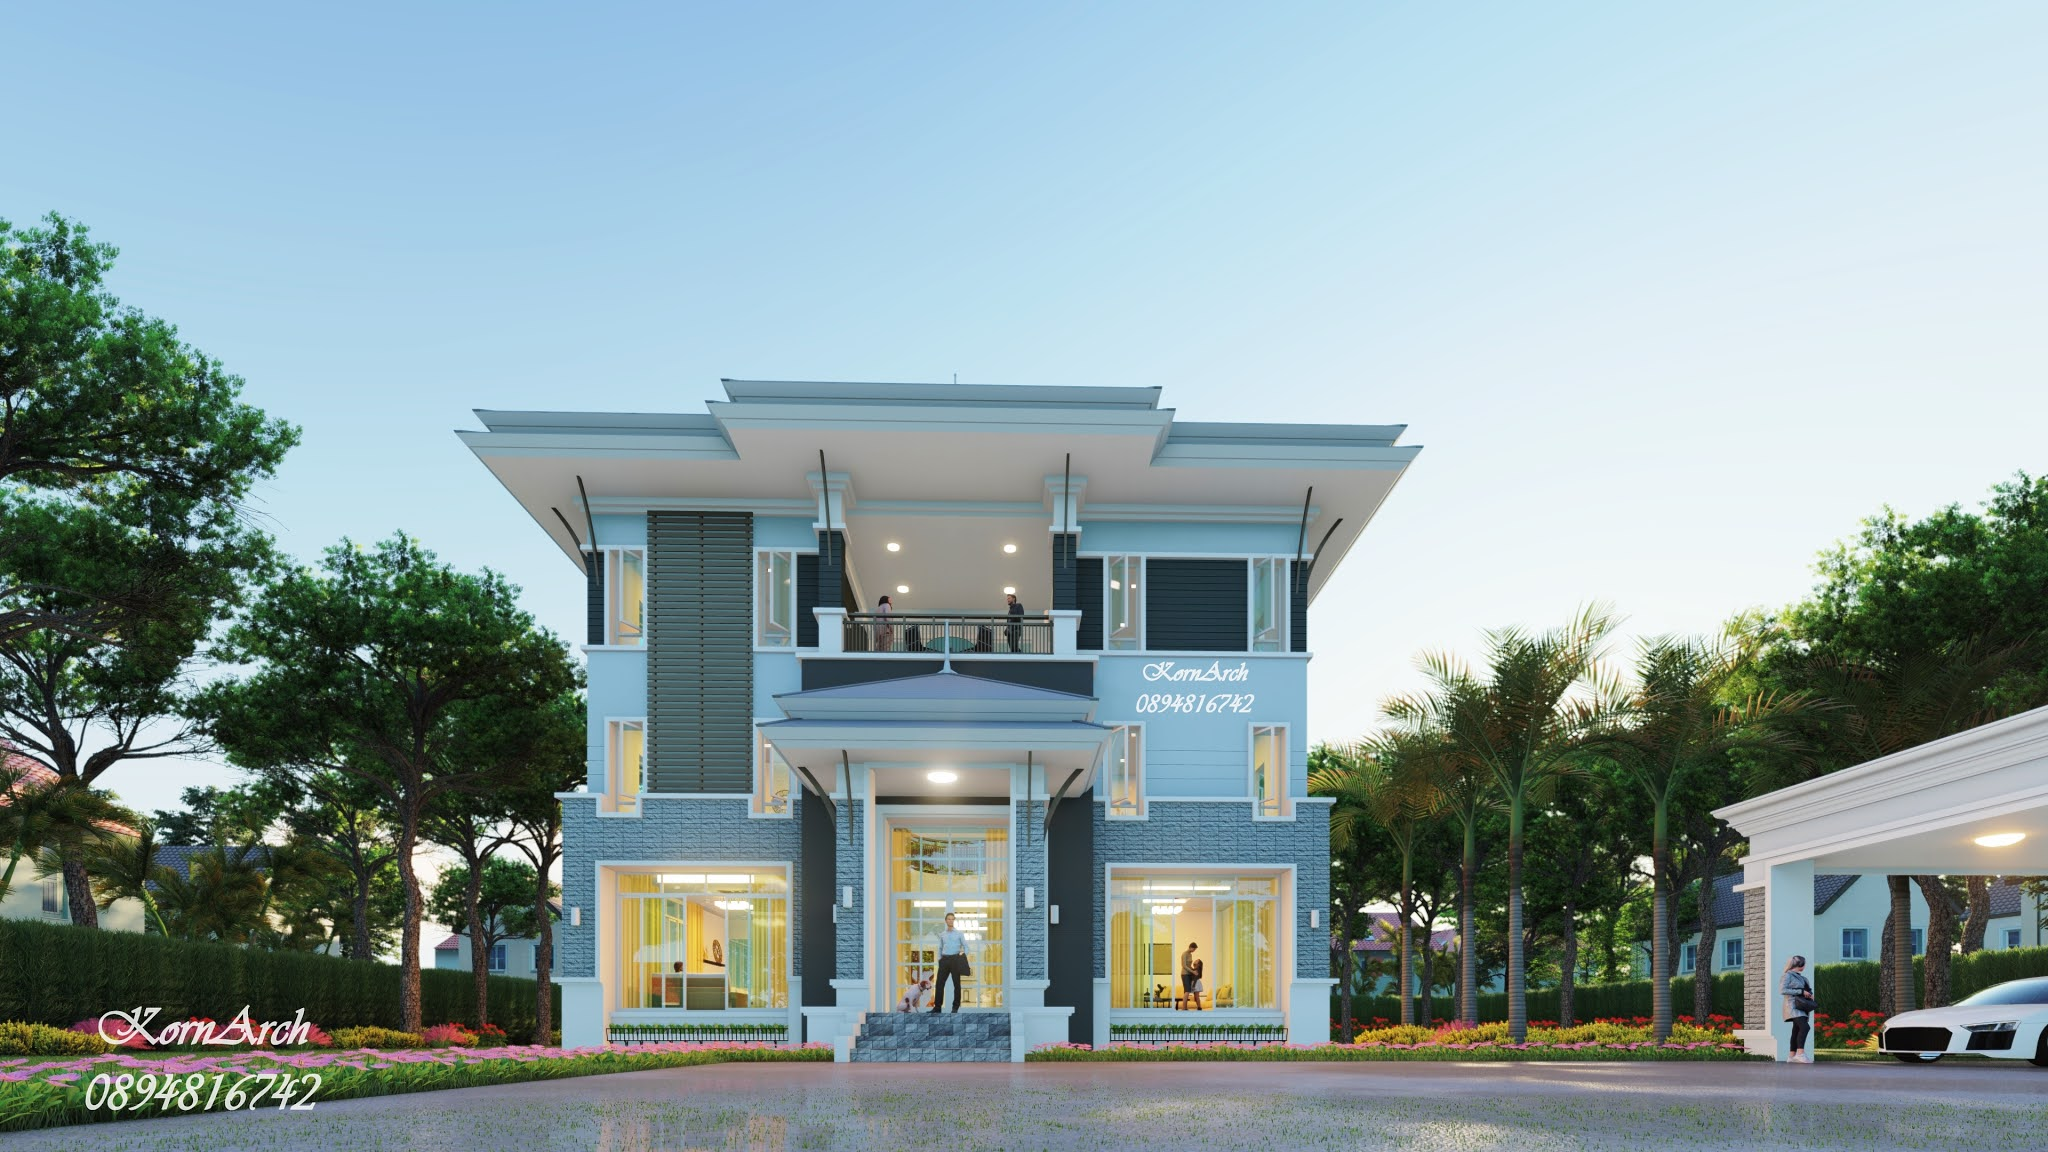 รับออกแบบบ้าน3ชั้น  เจ้าของอาคาร คุณวชิรเจตน์  สถานที่ก่อสร้าง แขวงจอมทอง เขตจอมทอง กรุงเทพมหานคร  #รับออกแบบบ้าน #เขียนแบบก่อสร้าง #แบบยื่นขออนุญาต #แบบโรงงาน #แบบรีสอร์ท #แบบอพาร์ทเมนท์ #แบบโรงแรม #แบบร้านอาหาร #แบบออฟฟิศ #สถาปนิก 0894816742